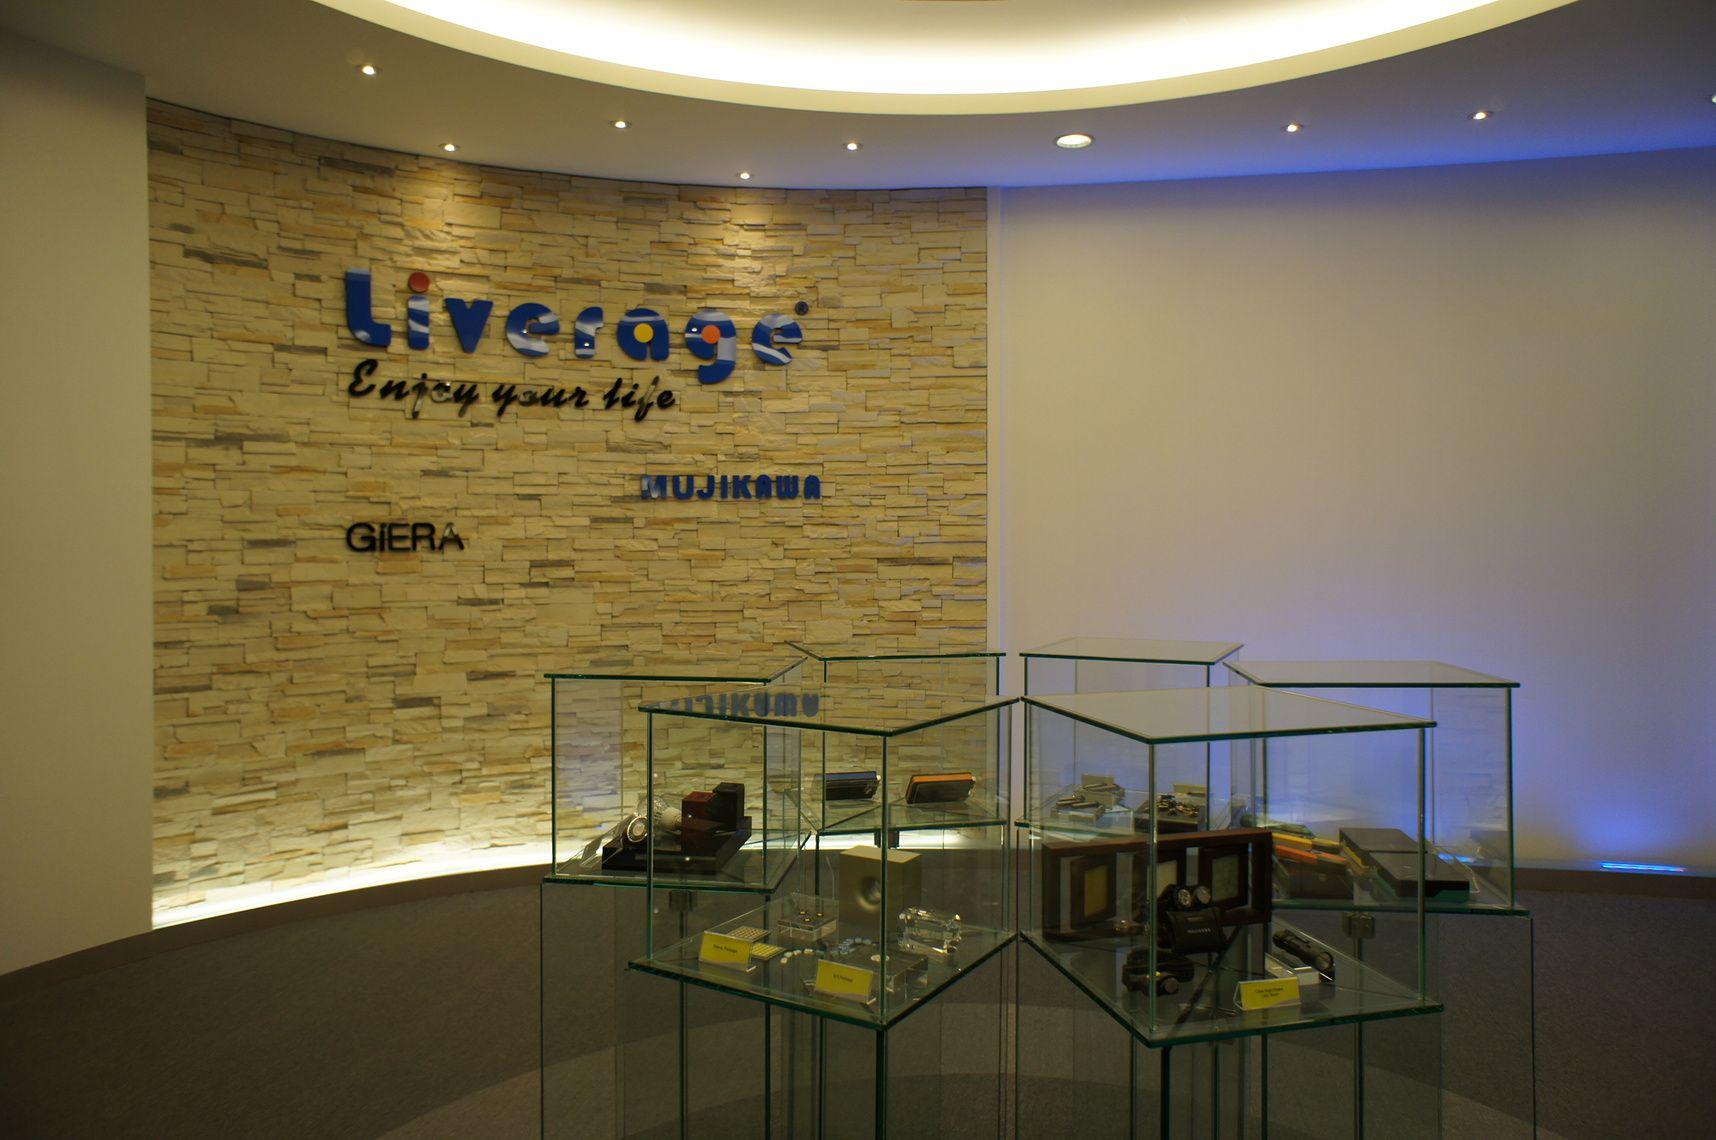 Liverage Technology Inc. tem se dedicado na indústria de comunicação de fibra óptica por mais de 15 anos.